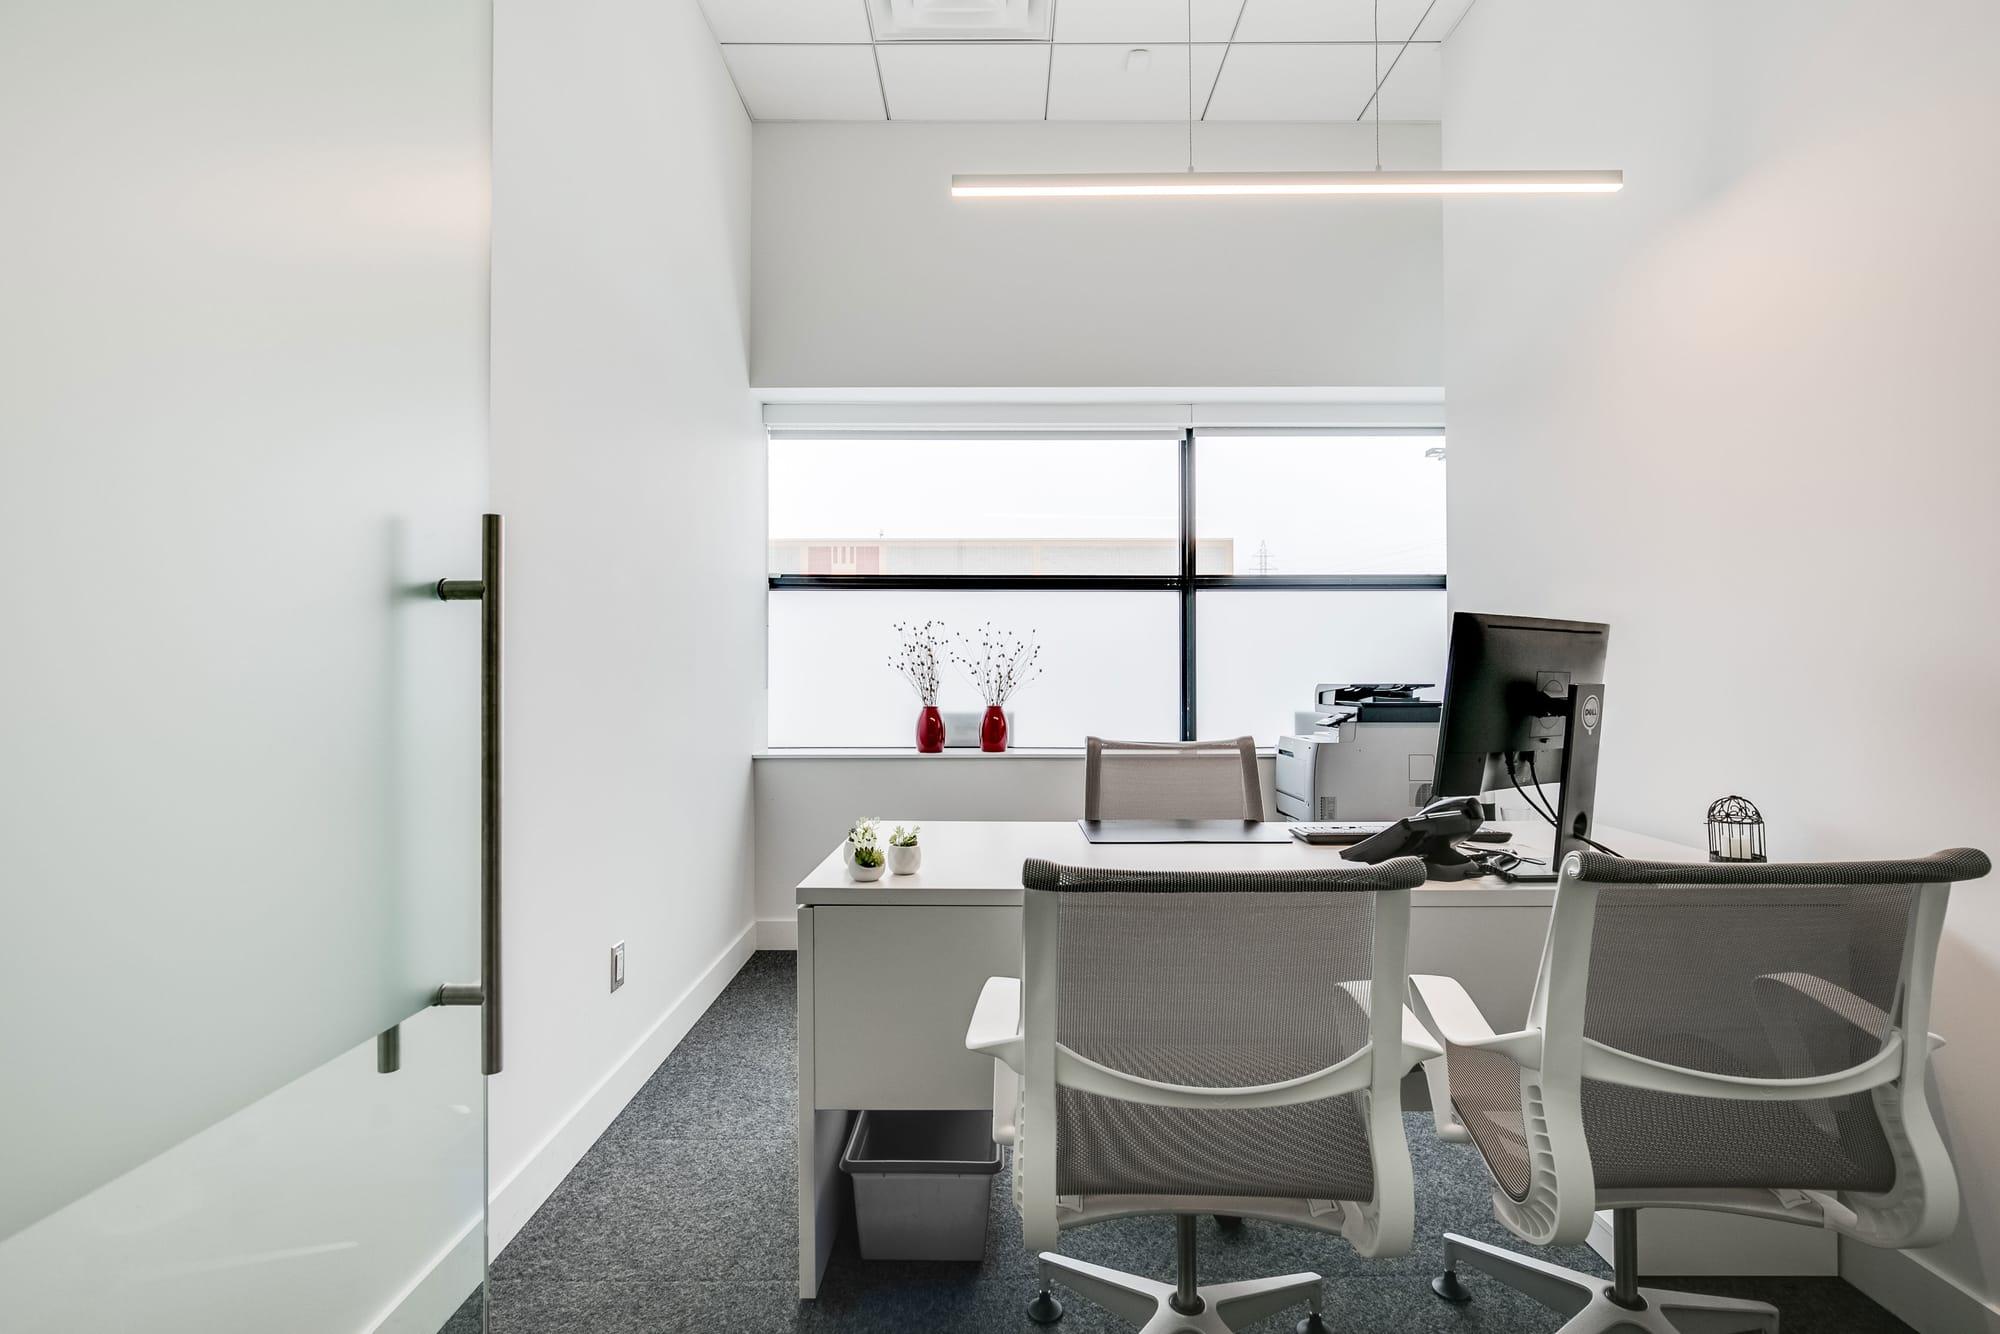 bureau moderne rénové avec chaises blanches et vue sur une grande fenêtre